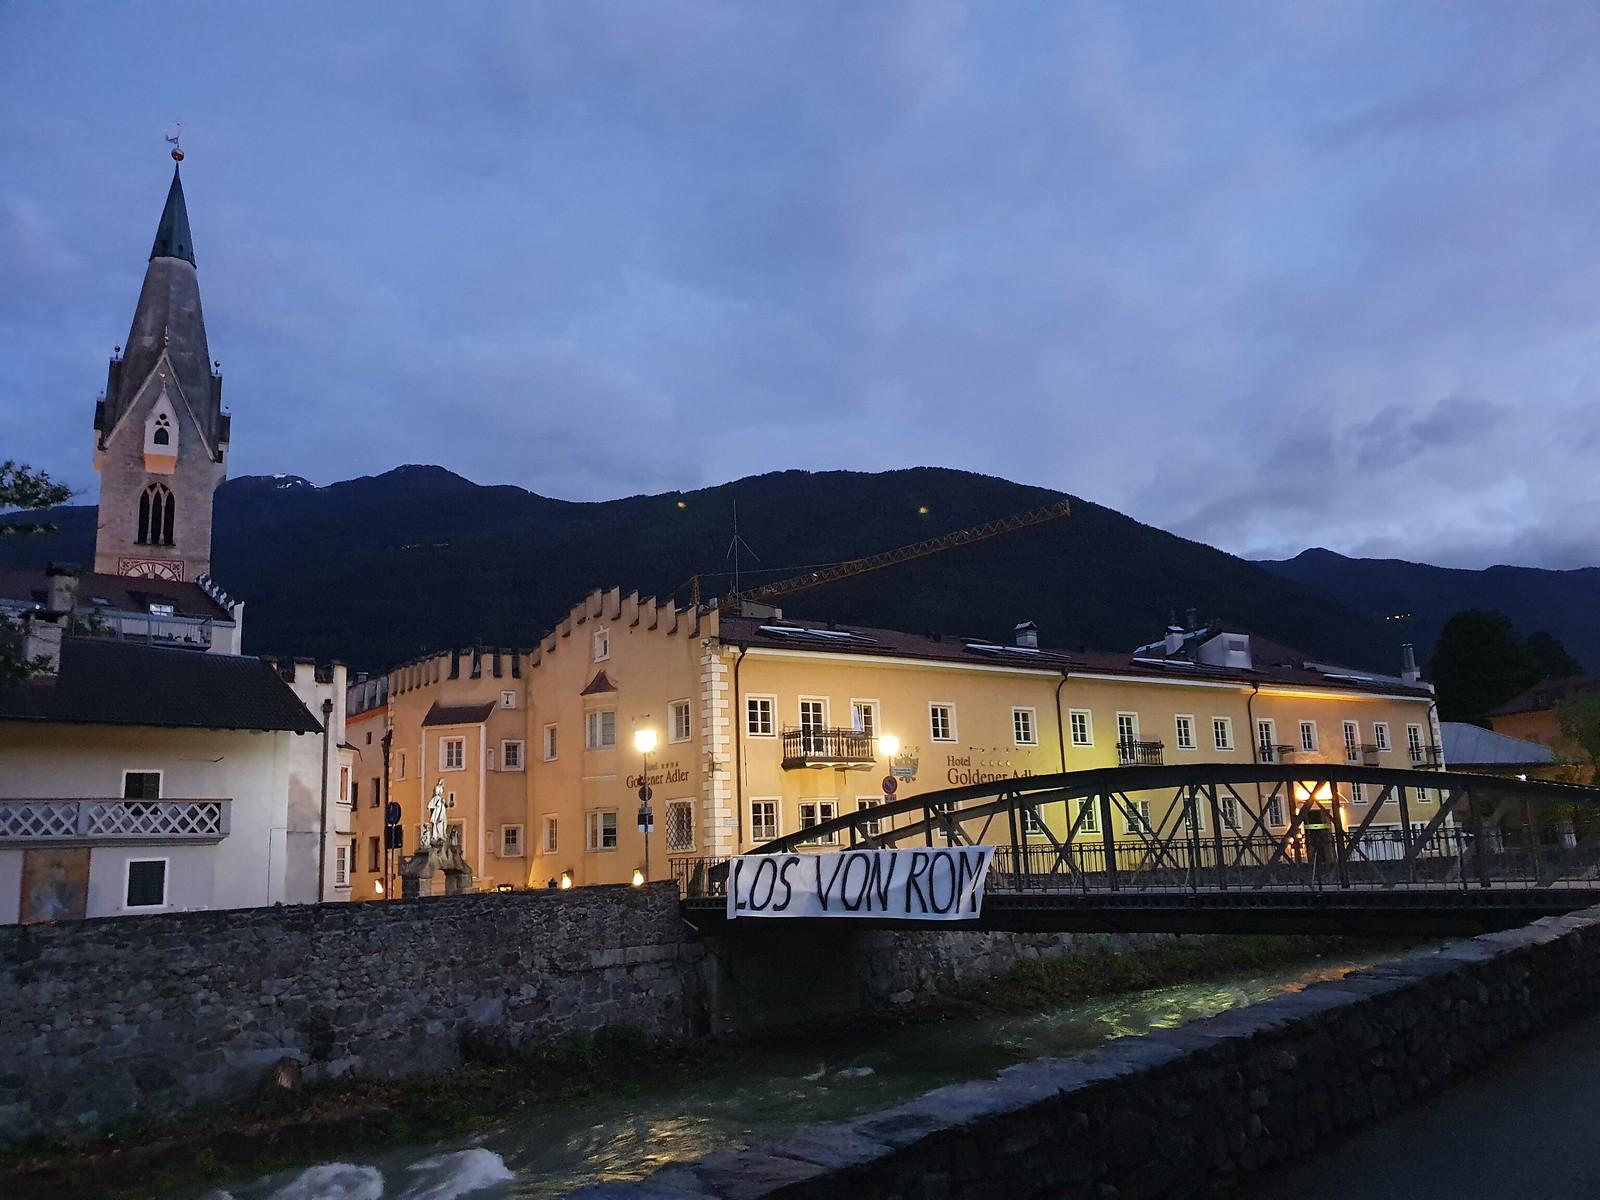 Selbstbestimmung für Südtirol – IATZ!, 2020